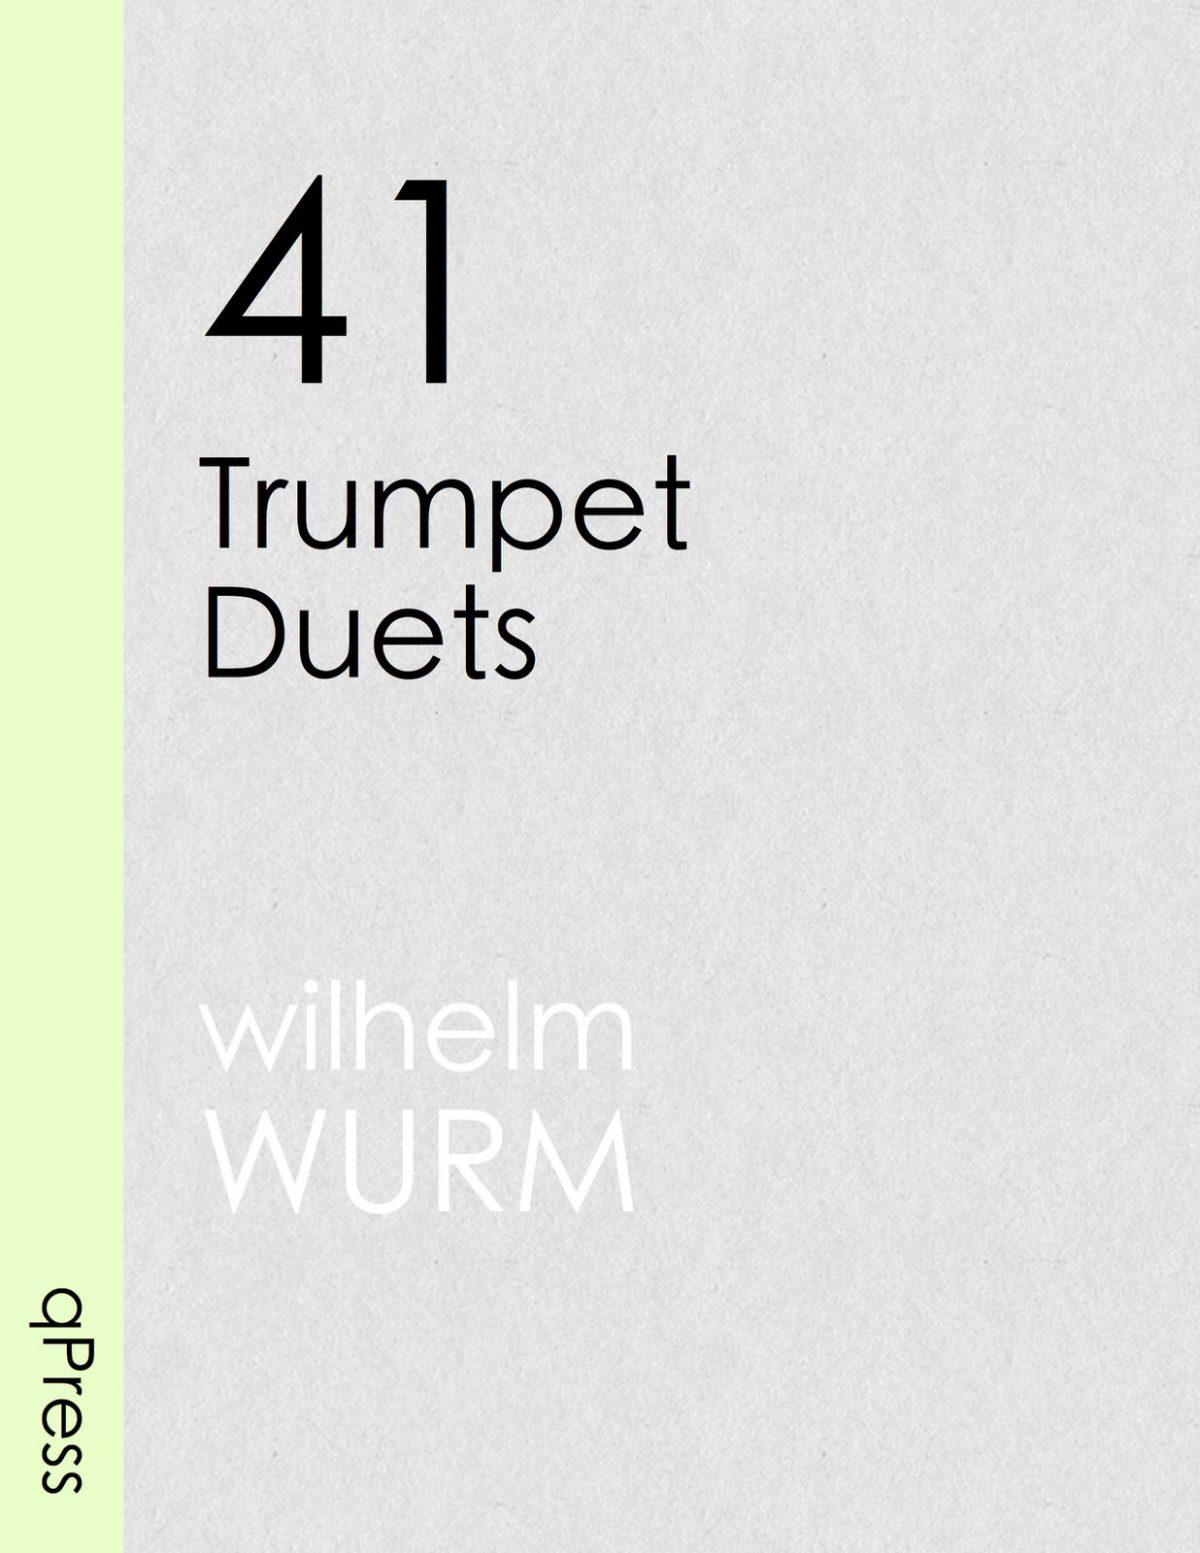 wurm-41-trumpet-duets